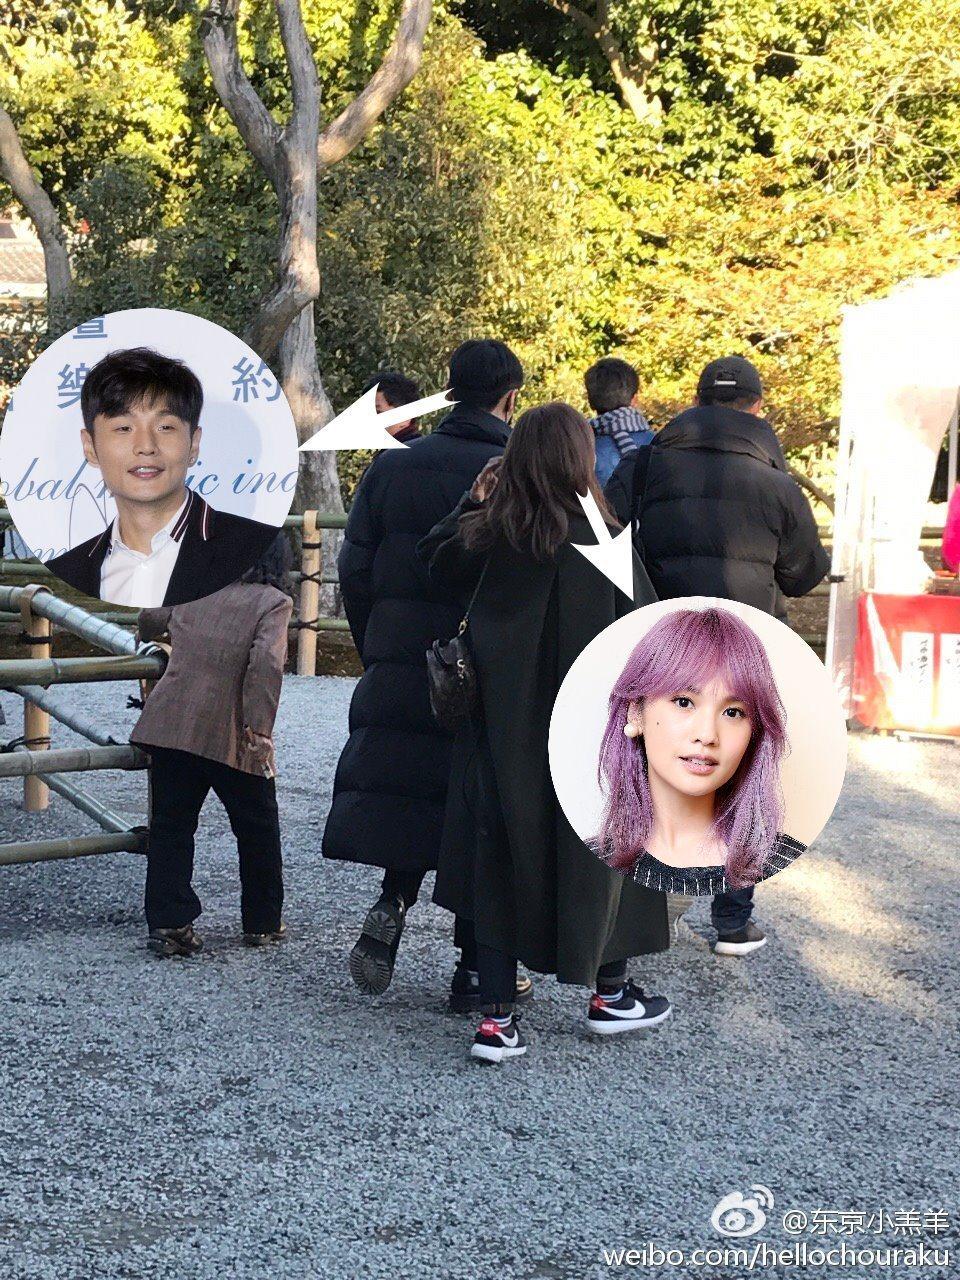 李榮浩(左)與楊丞琳(中)出遊再被網友捕獲。 圖/擷自東京小羔羊微博